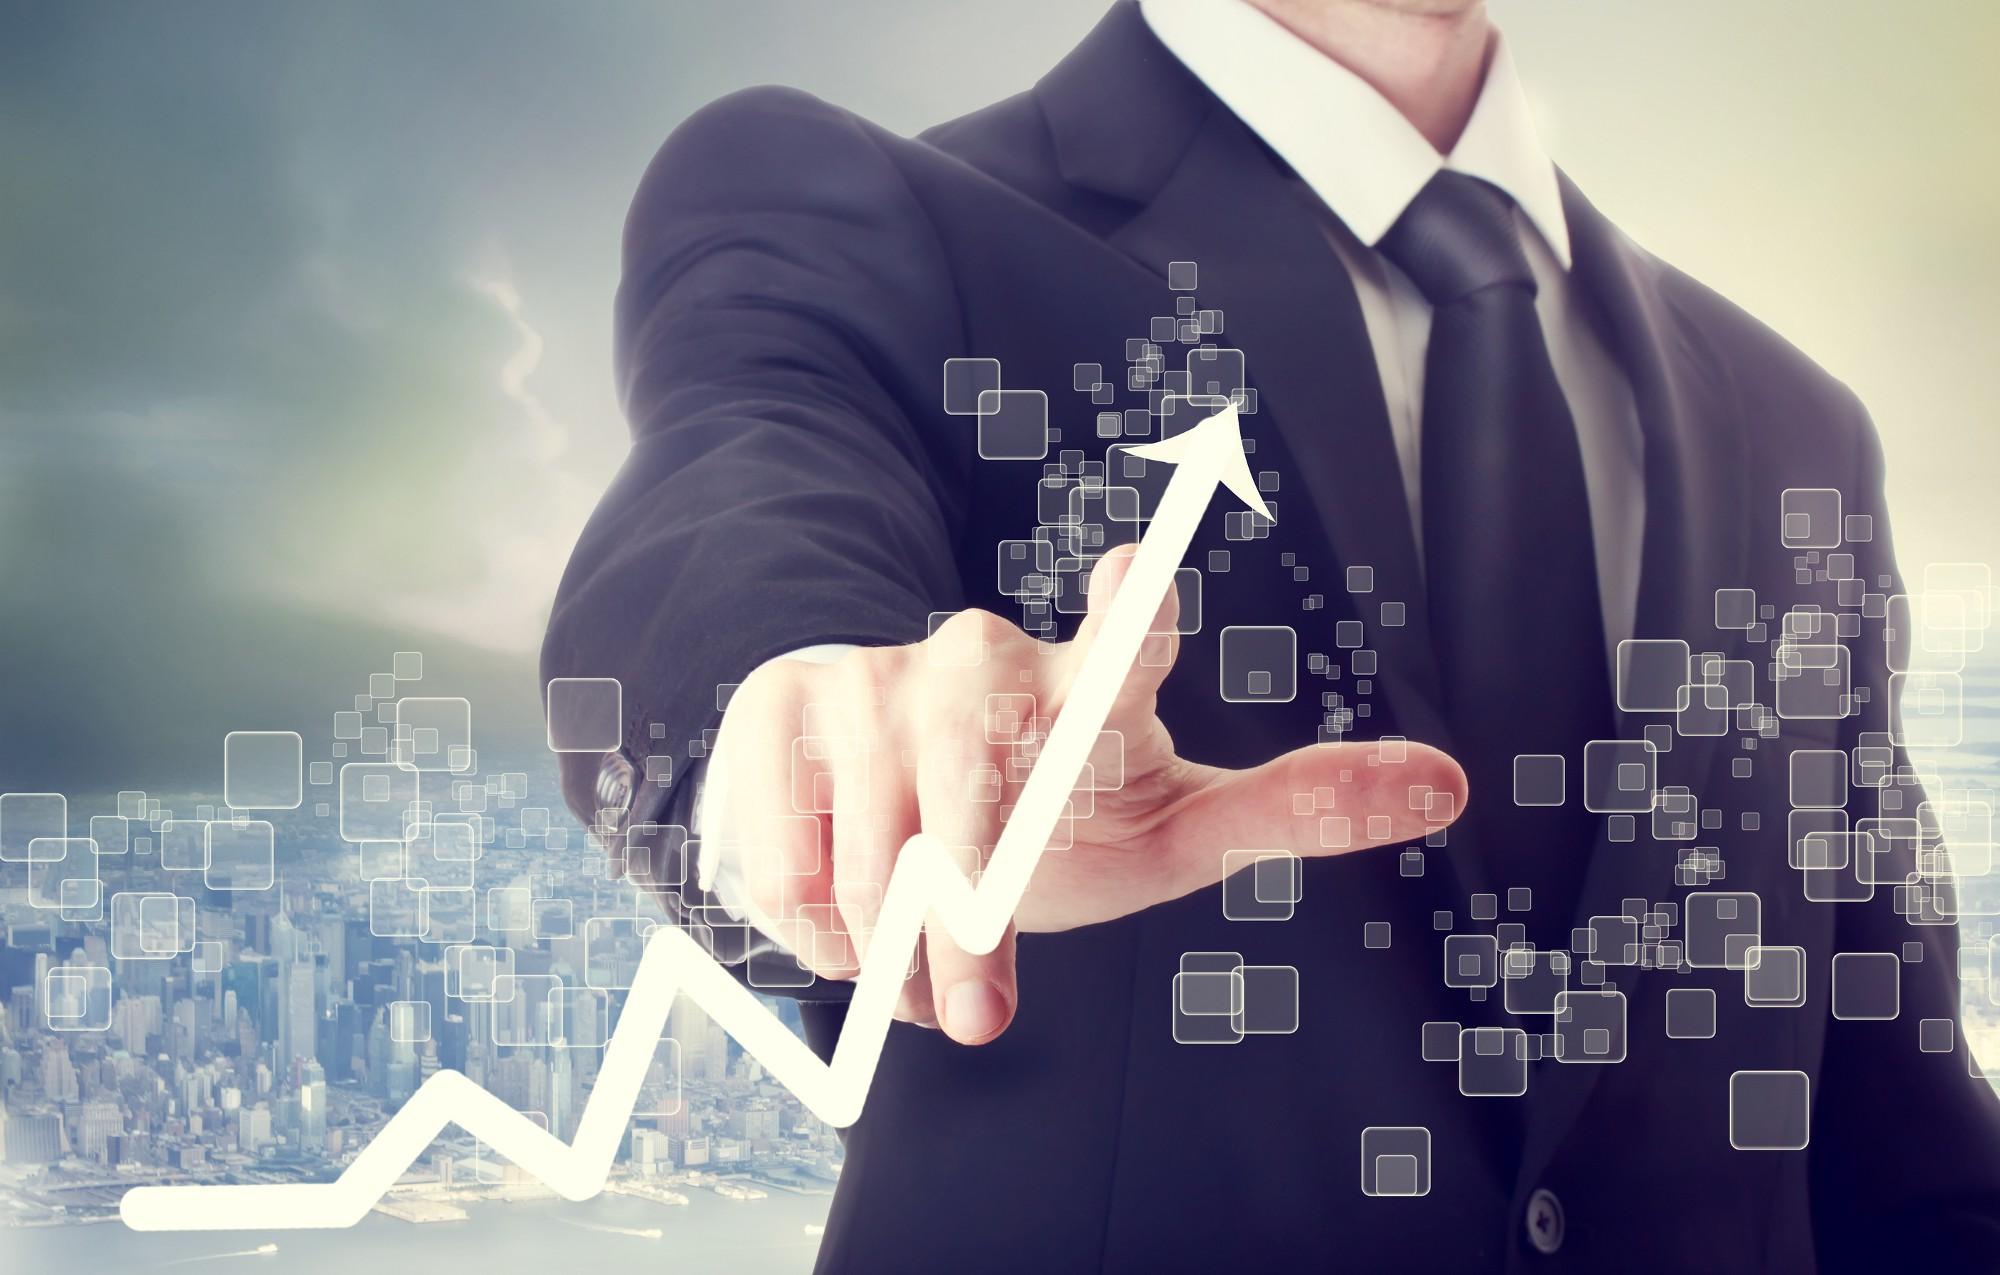 Quanto posso ganhar ao investir em startups